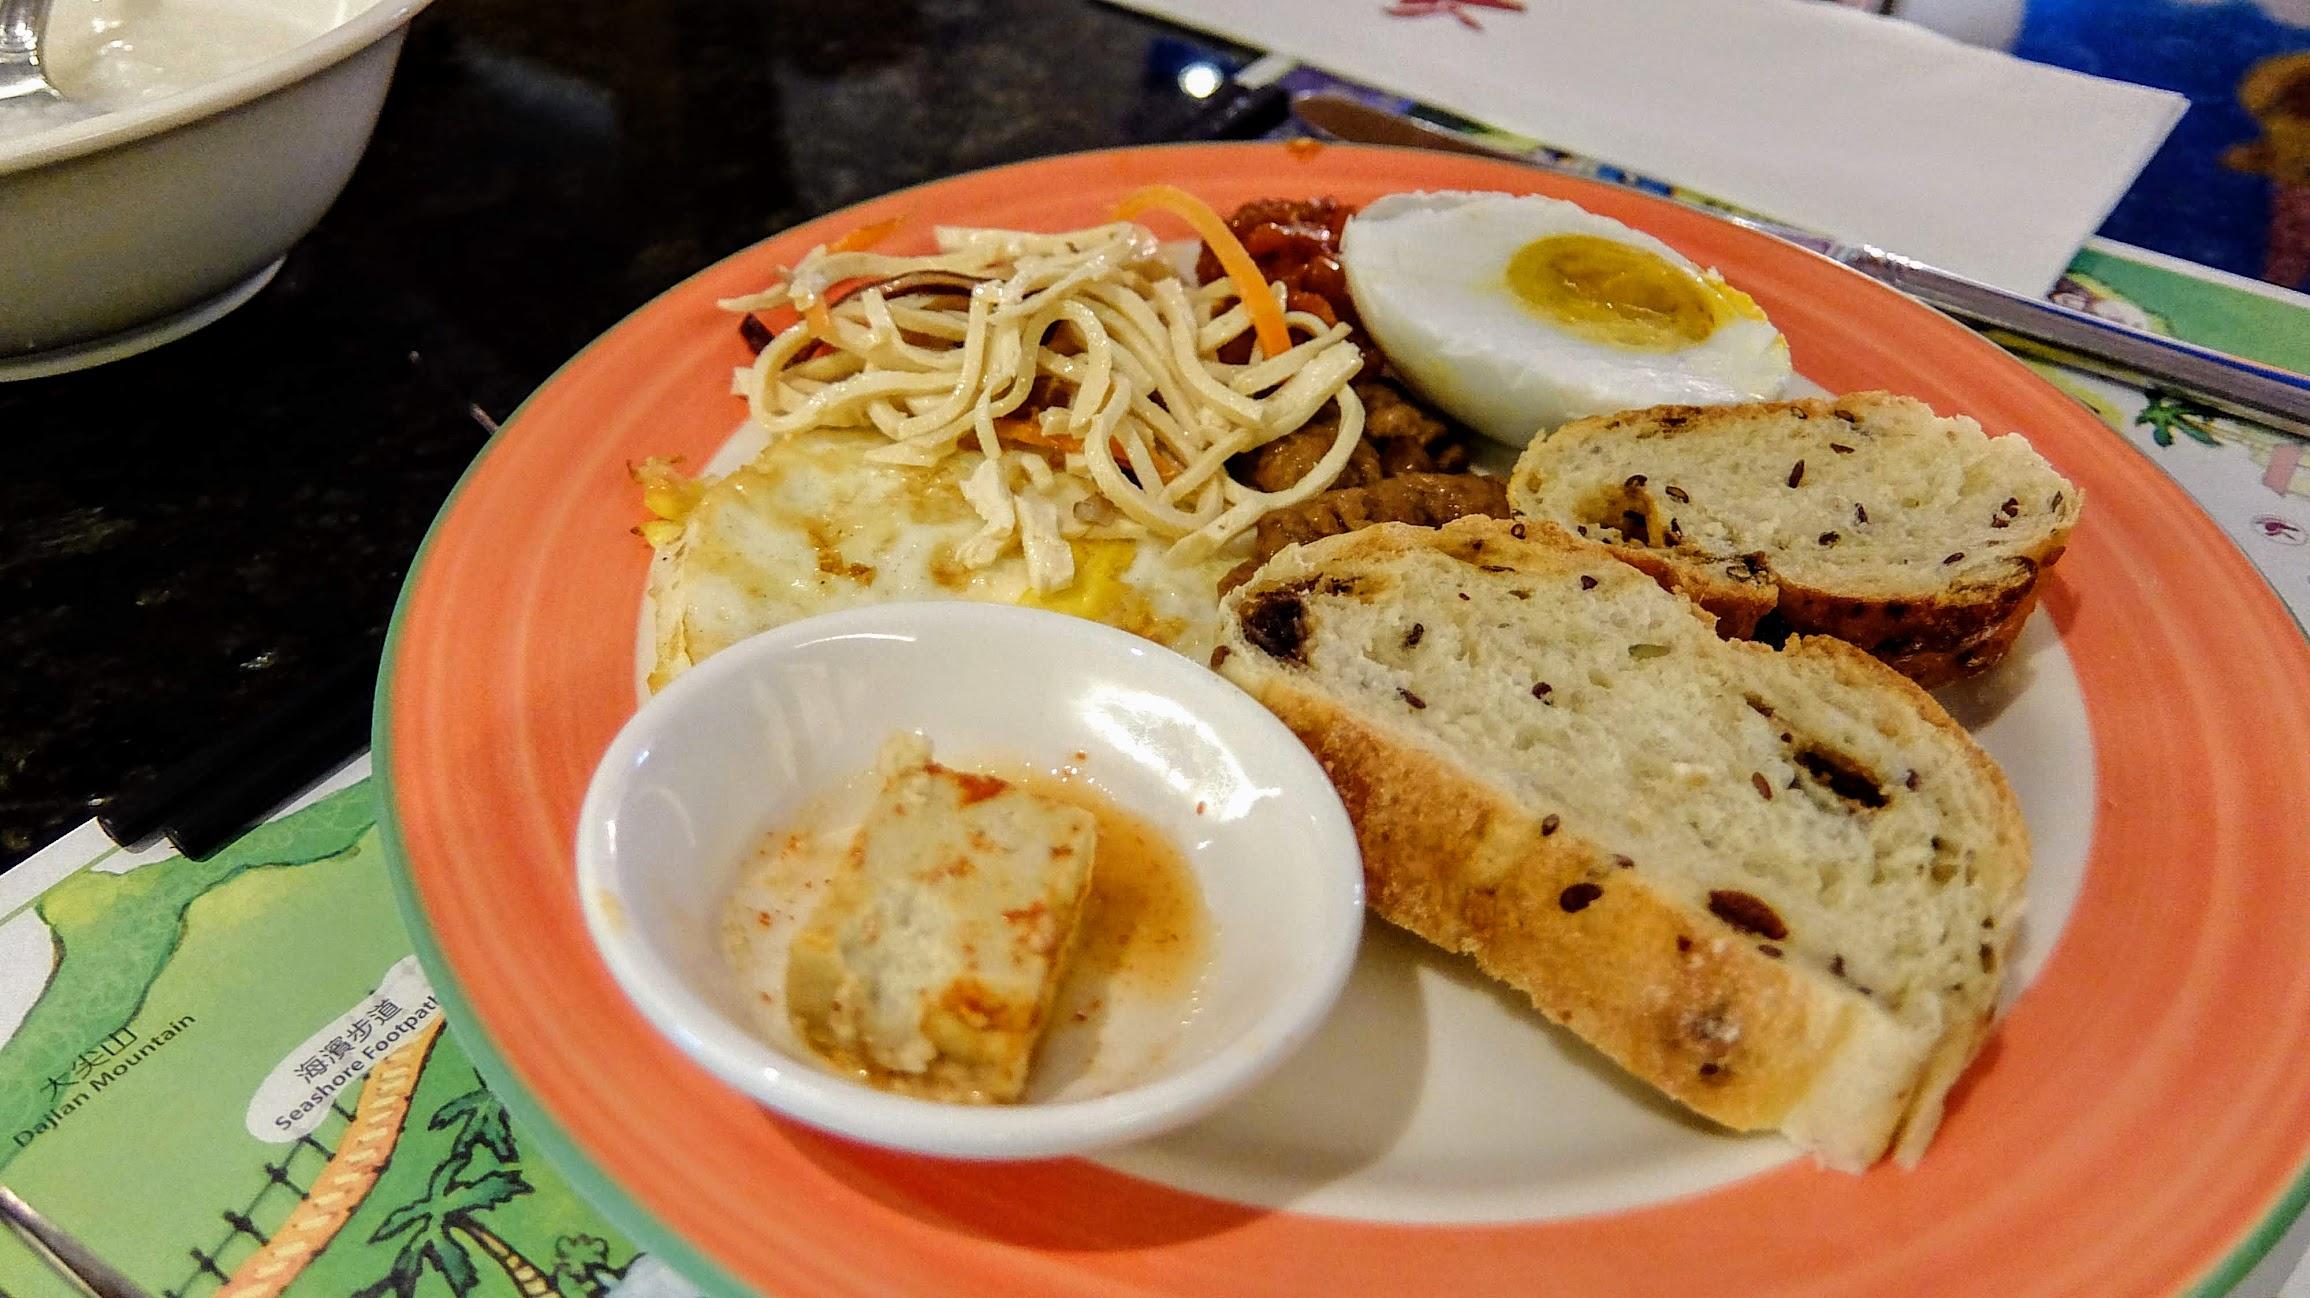 剛剛吃西式的,現在來點特別的...中式餐點XDD 雖然這些要搭粥來吃,但我是搭著麵包...XDD